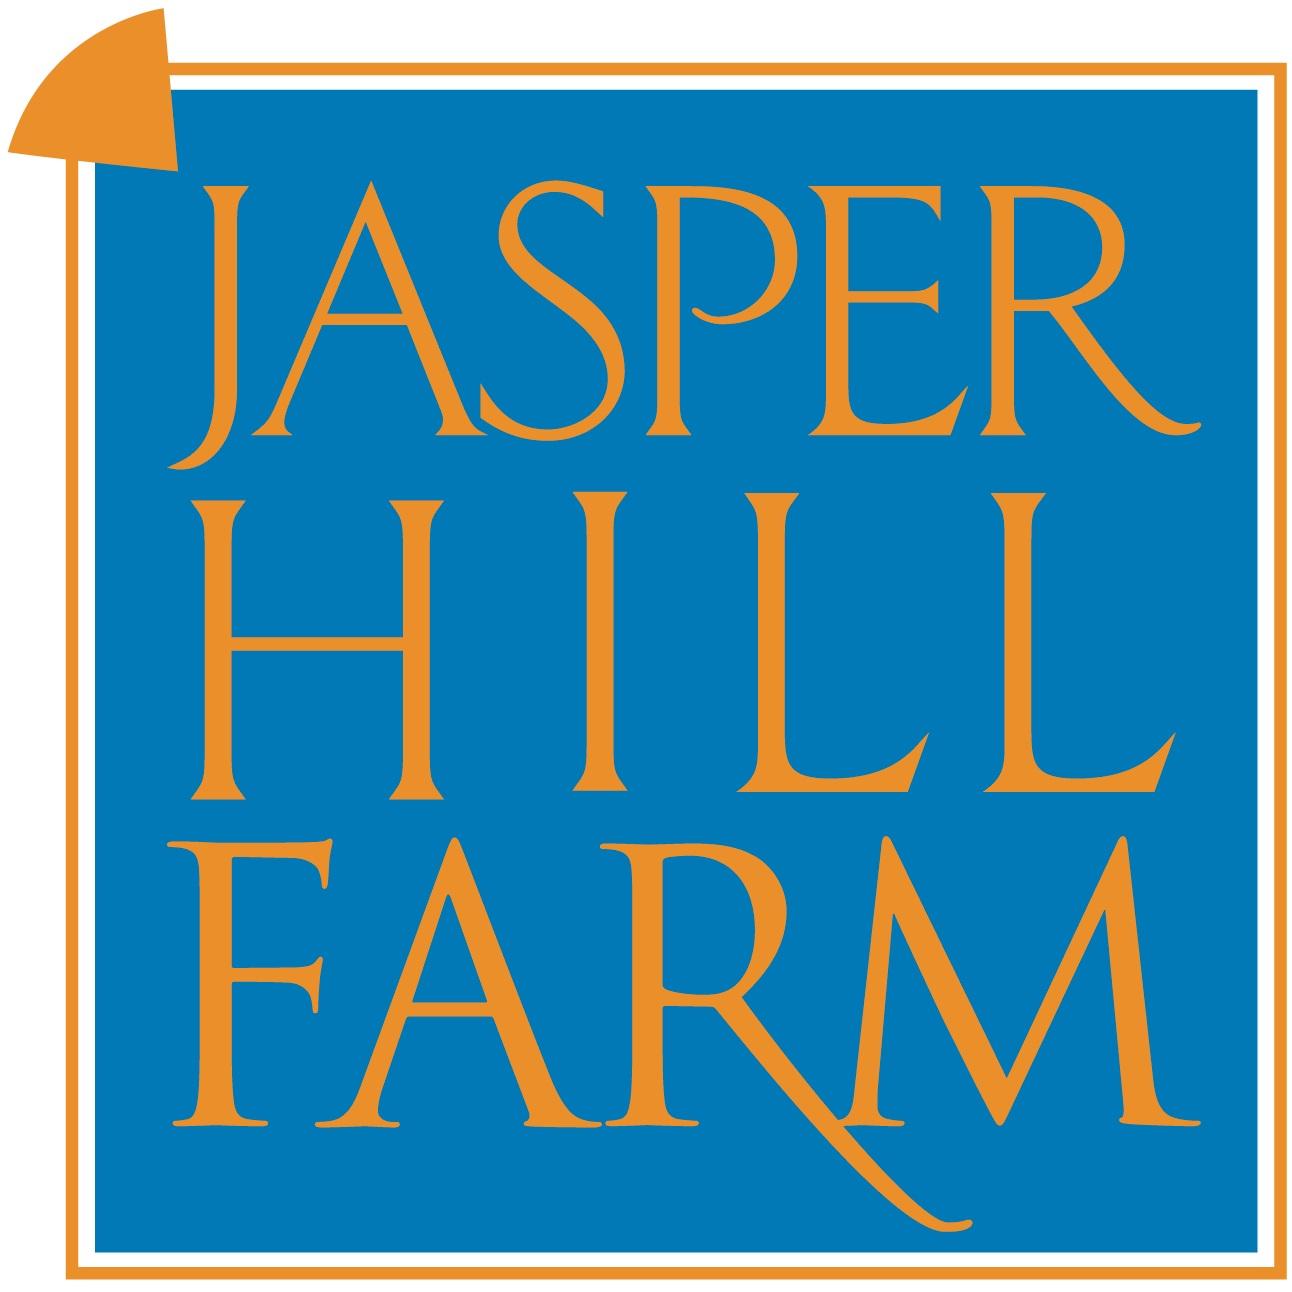 Jasper+Hill+Farm-01.jpg